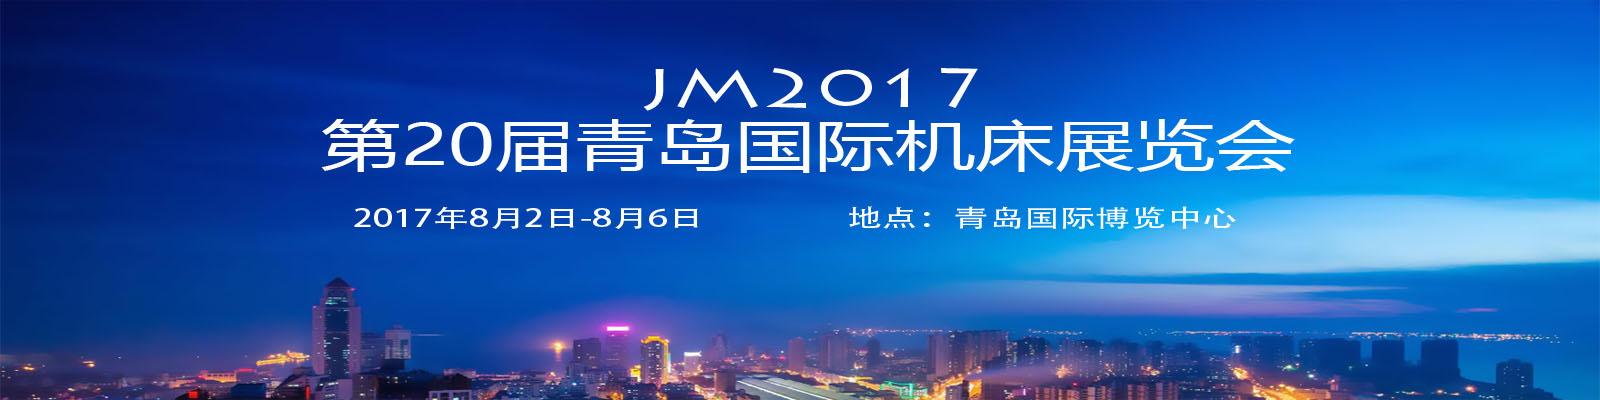 2017年第20屆青島國際機床展覽會